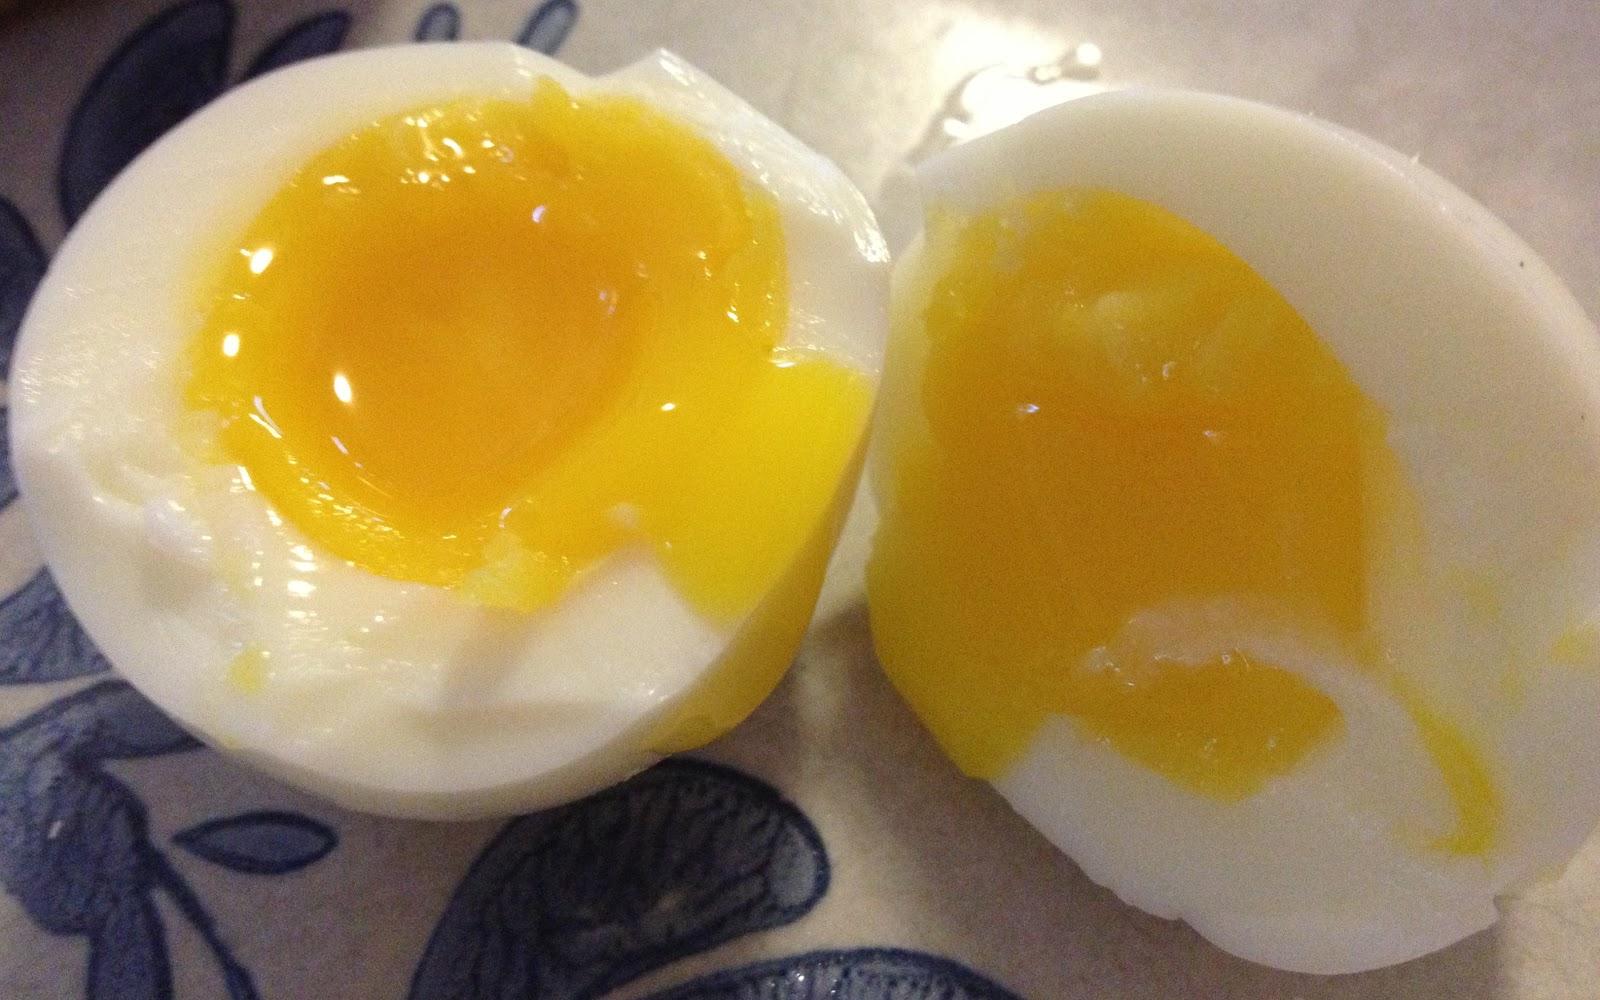 Eating amp how long to boil an egg